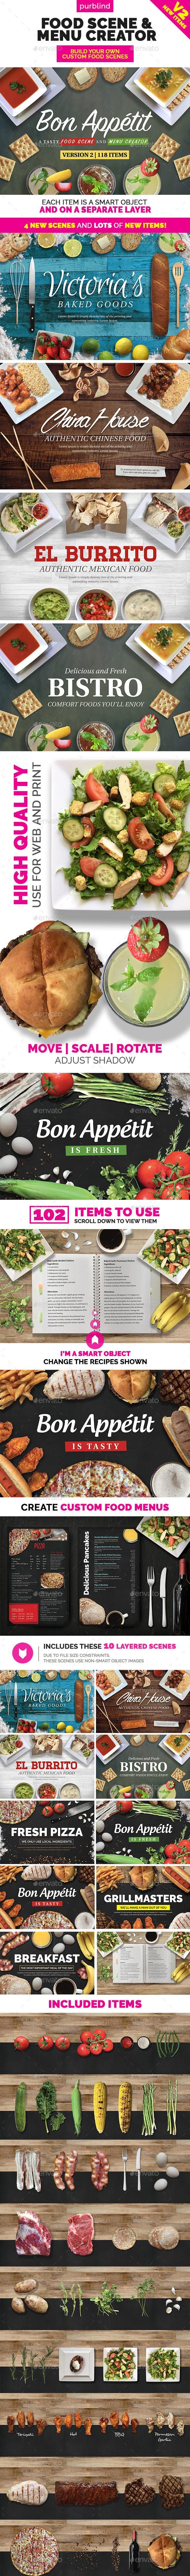 Food Scene / Menu Creator (Bon Appetit) - Hero Images Graphics